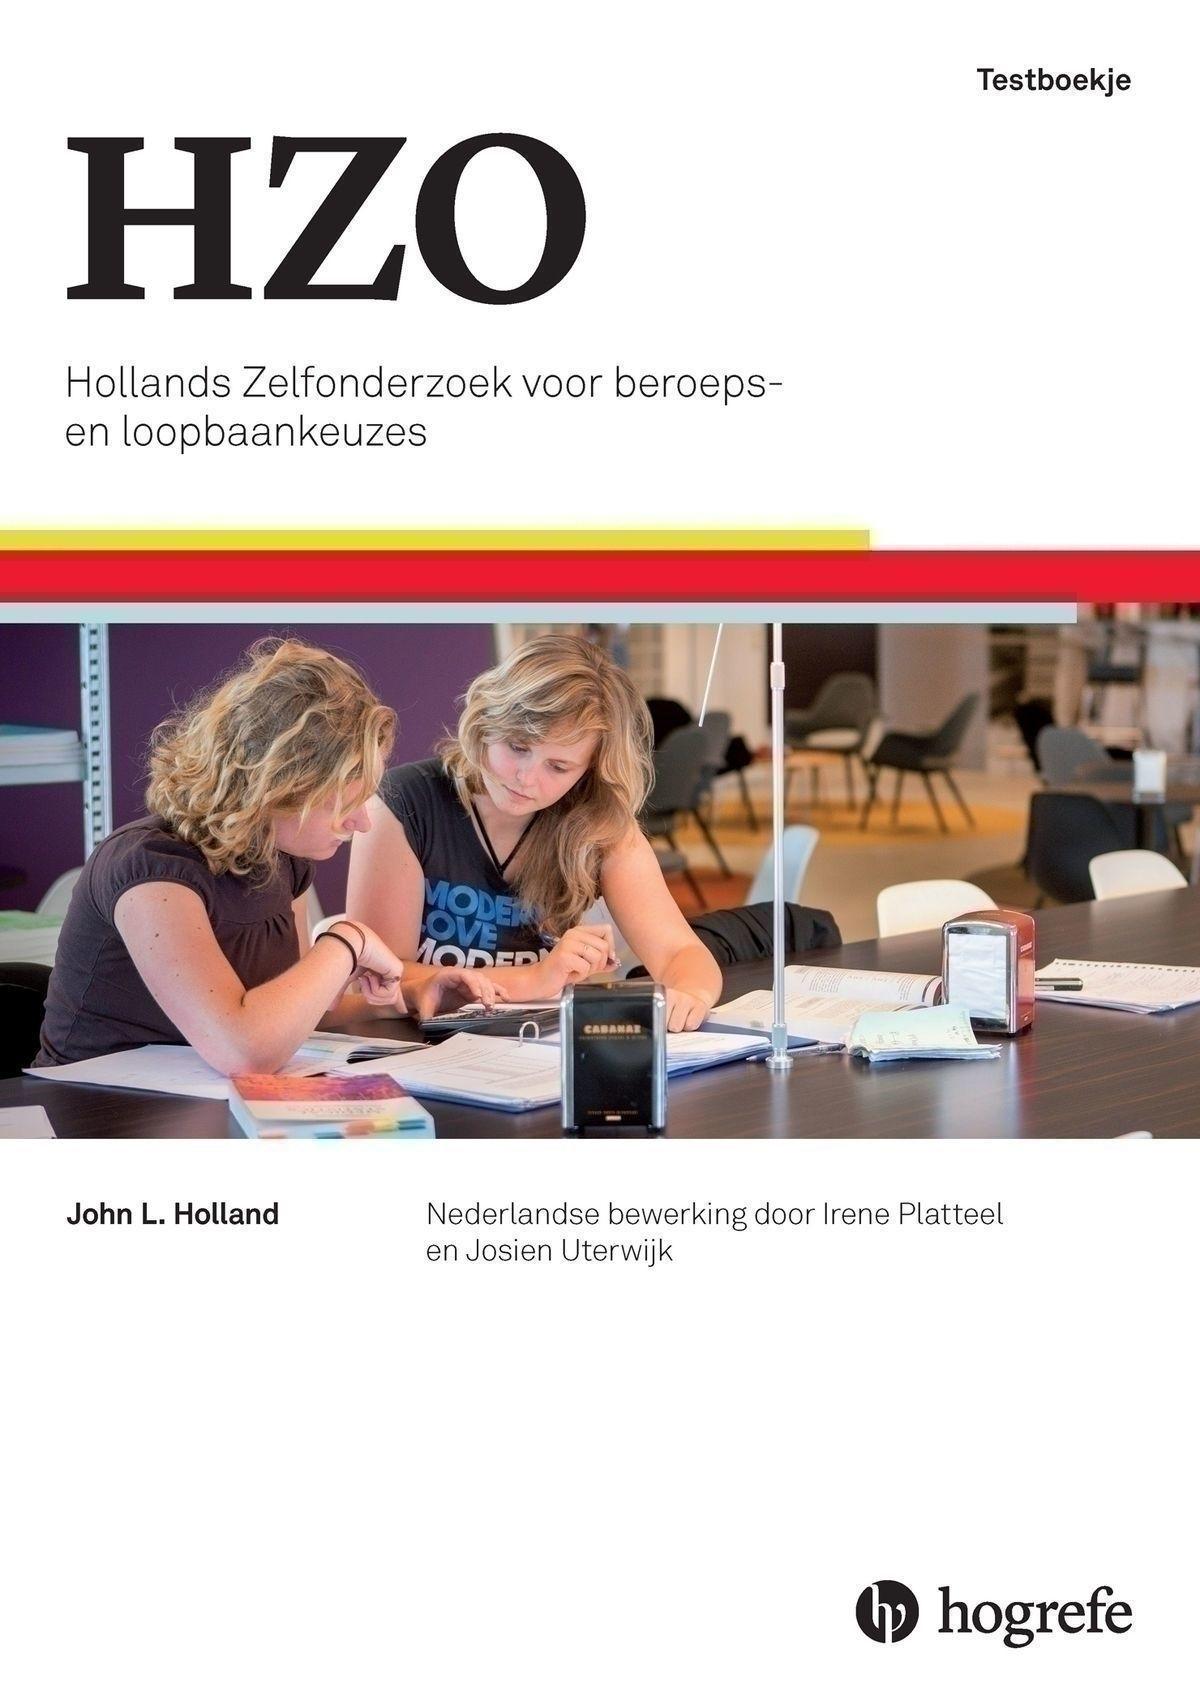 HZO startpakket mbo en lager, bevat Handleiding, Testboekjes (10), Beroepenzoeker mbo en lager (10) in box